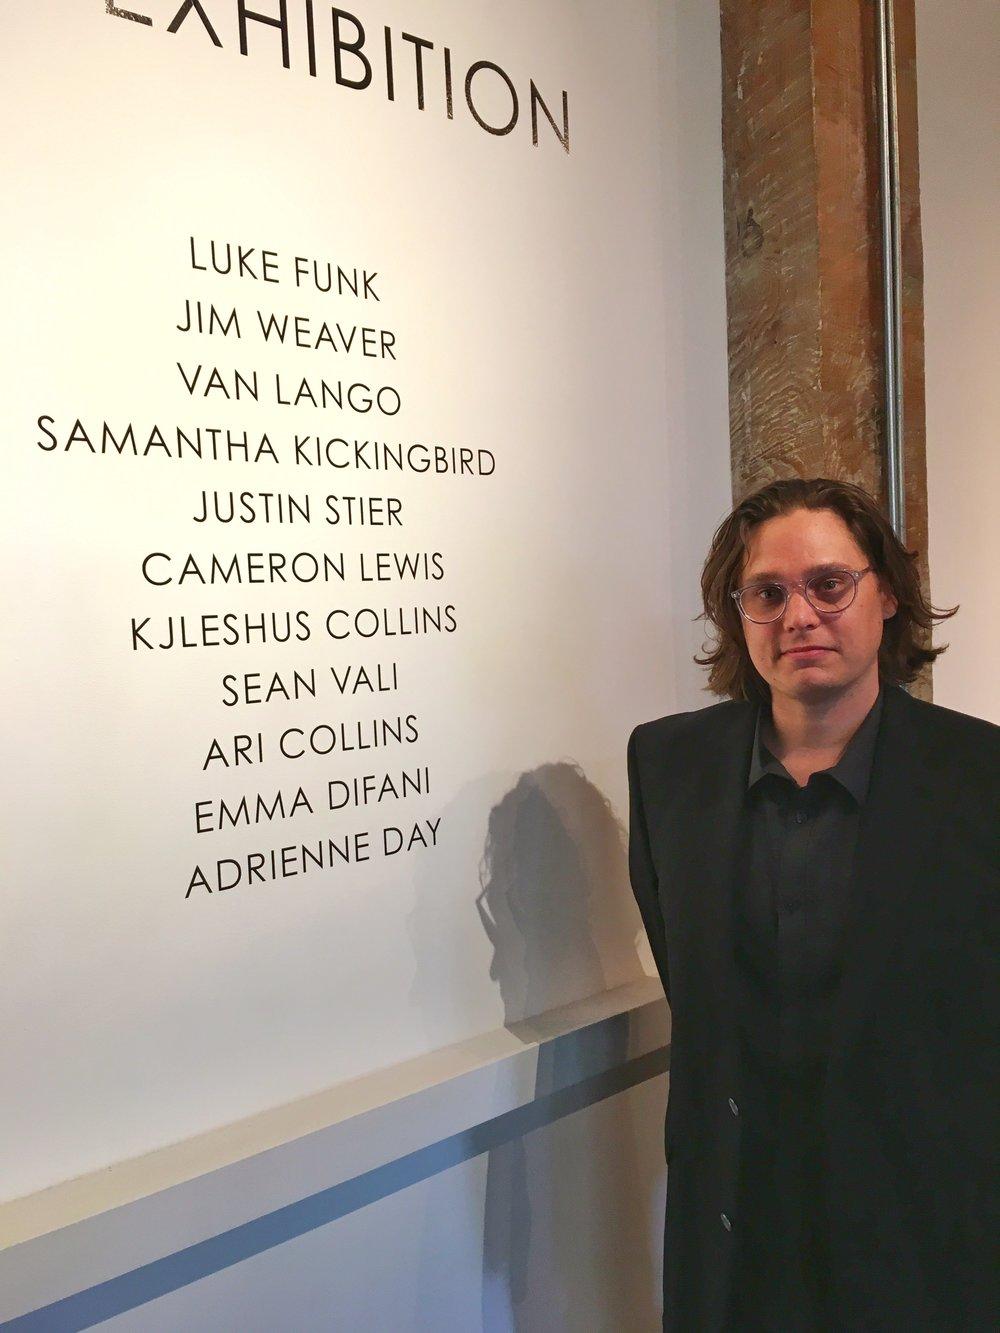 Luke Funk